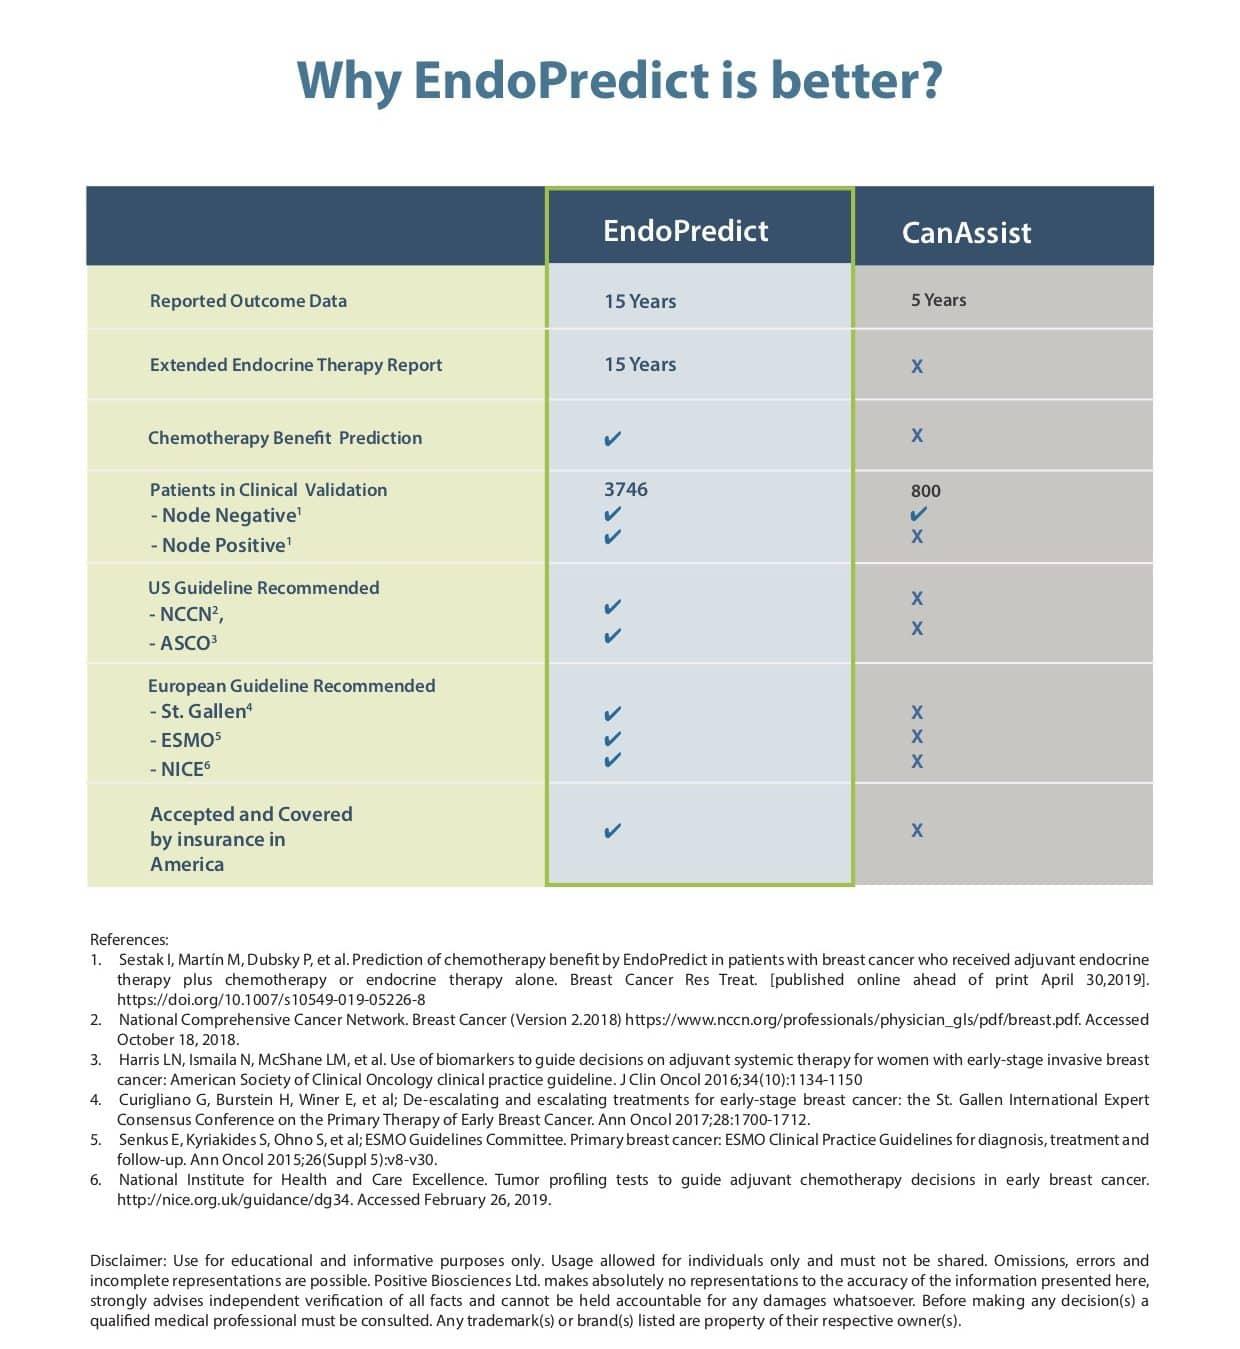 Canassist Endopredict Comparison